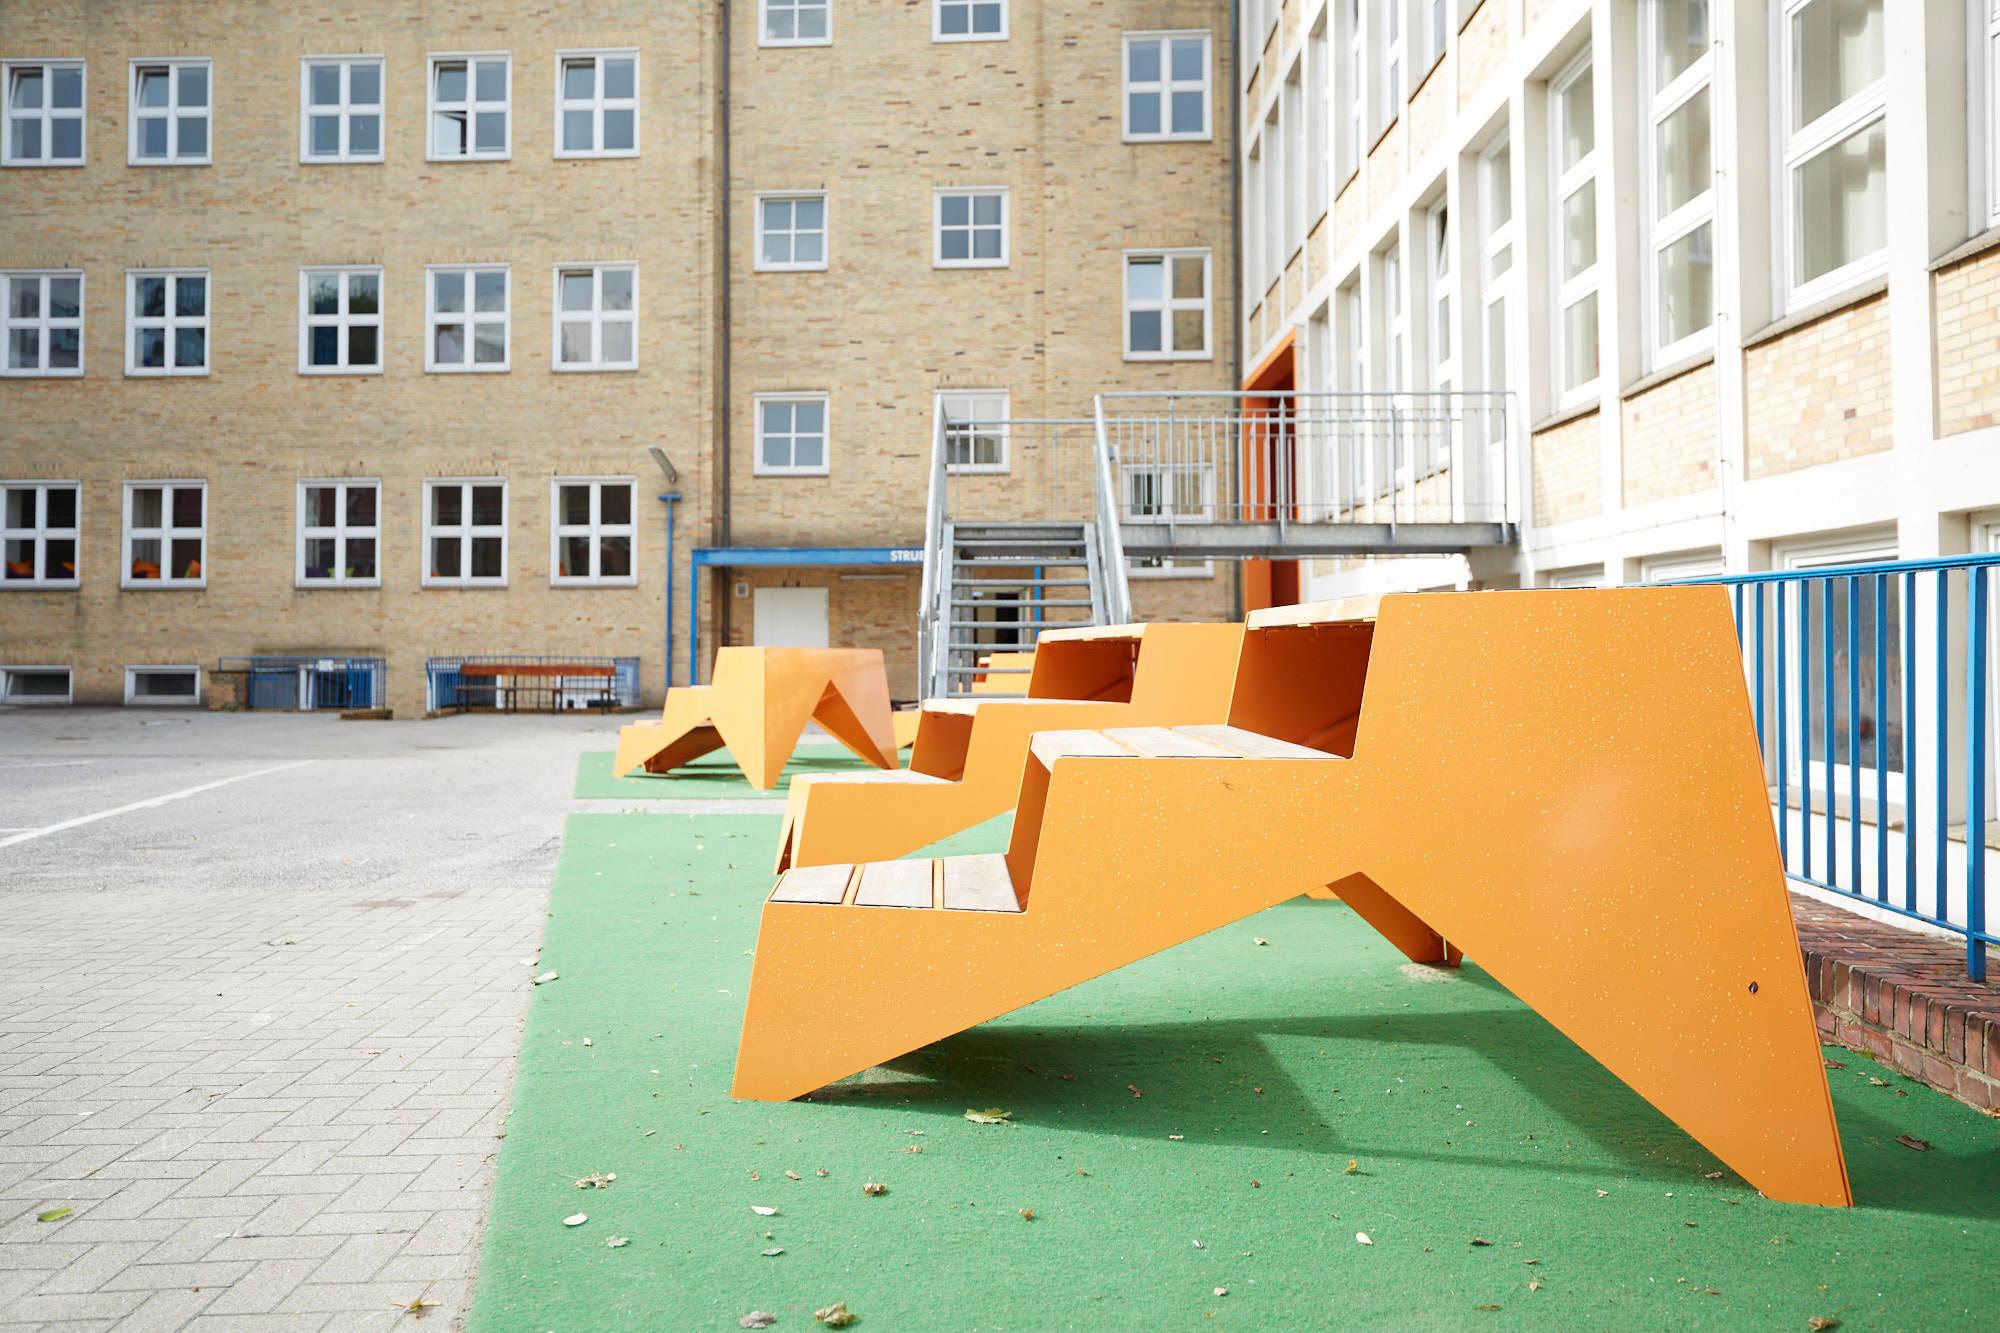 Teppichvlies-Spielplatz-auf-Schulhof